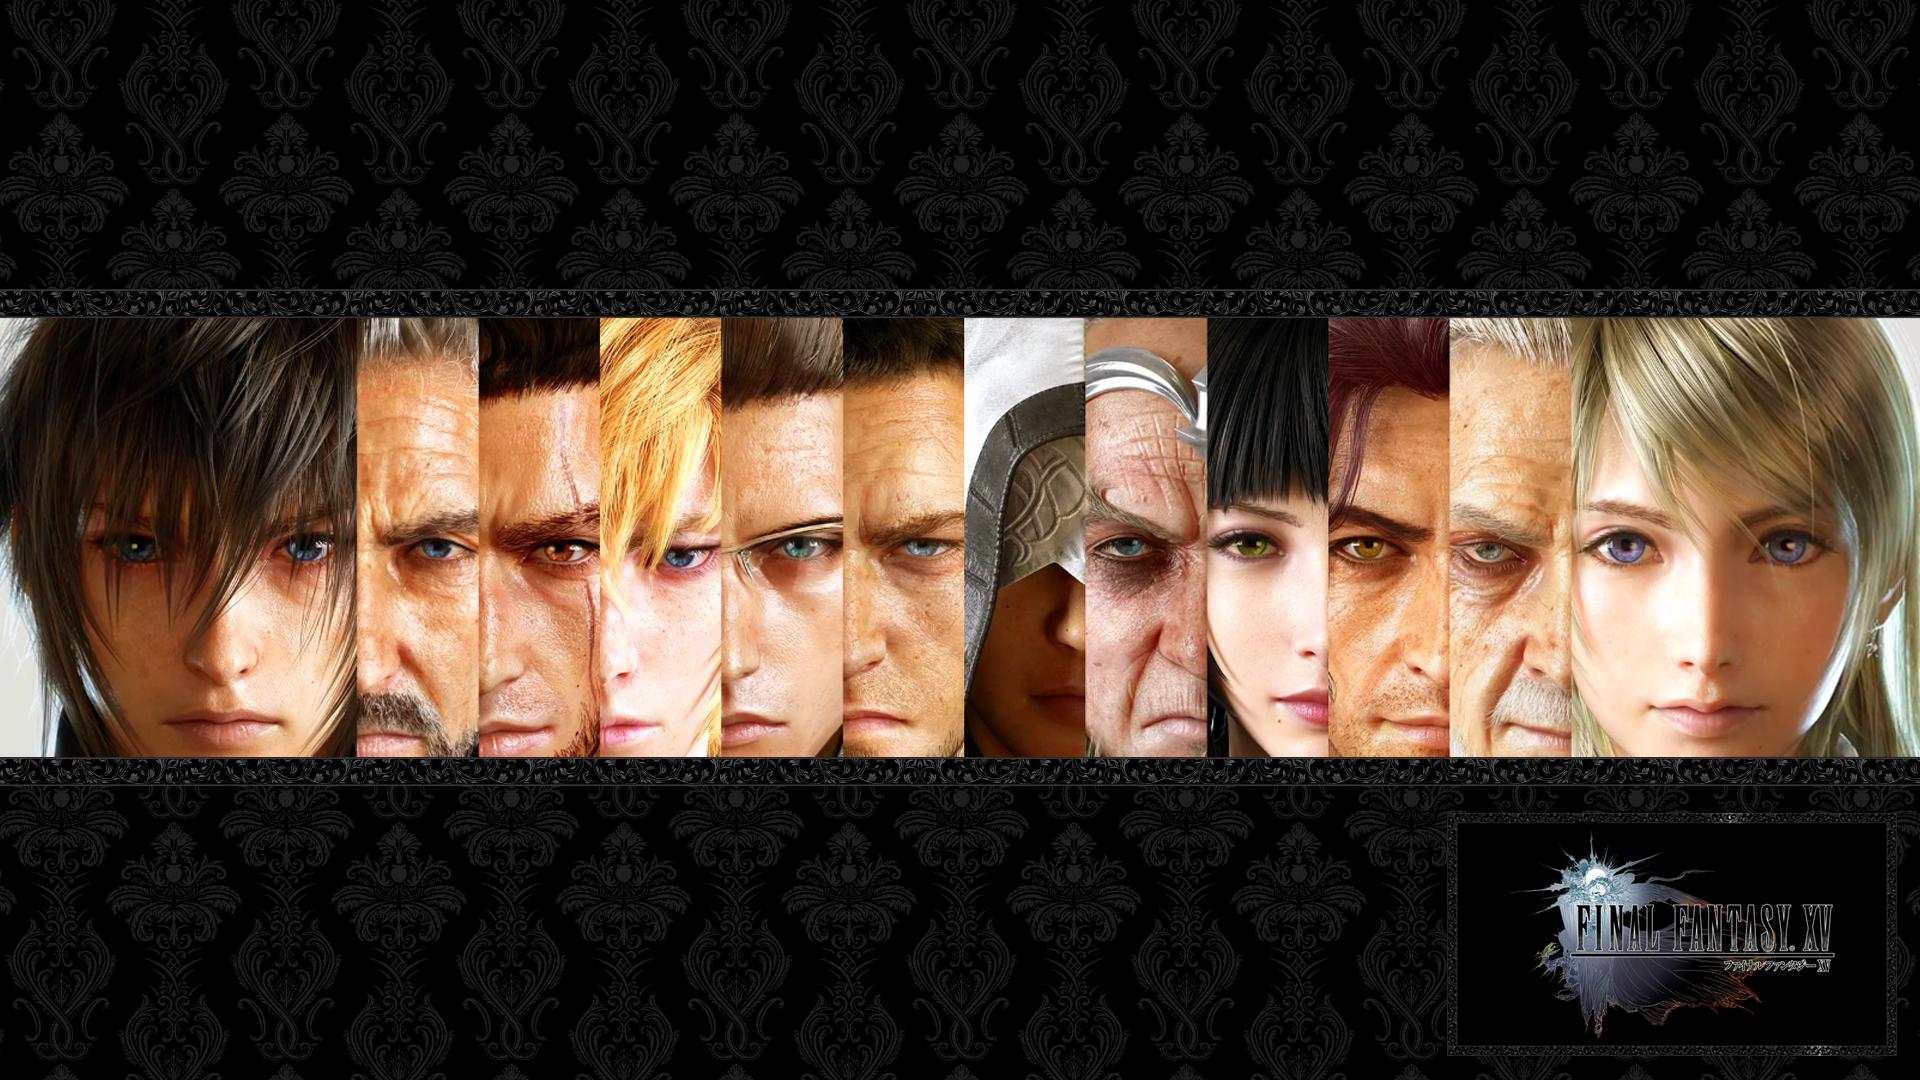 Final Fantasy Xv Wallpaper By Visionstudio On Deviantart